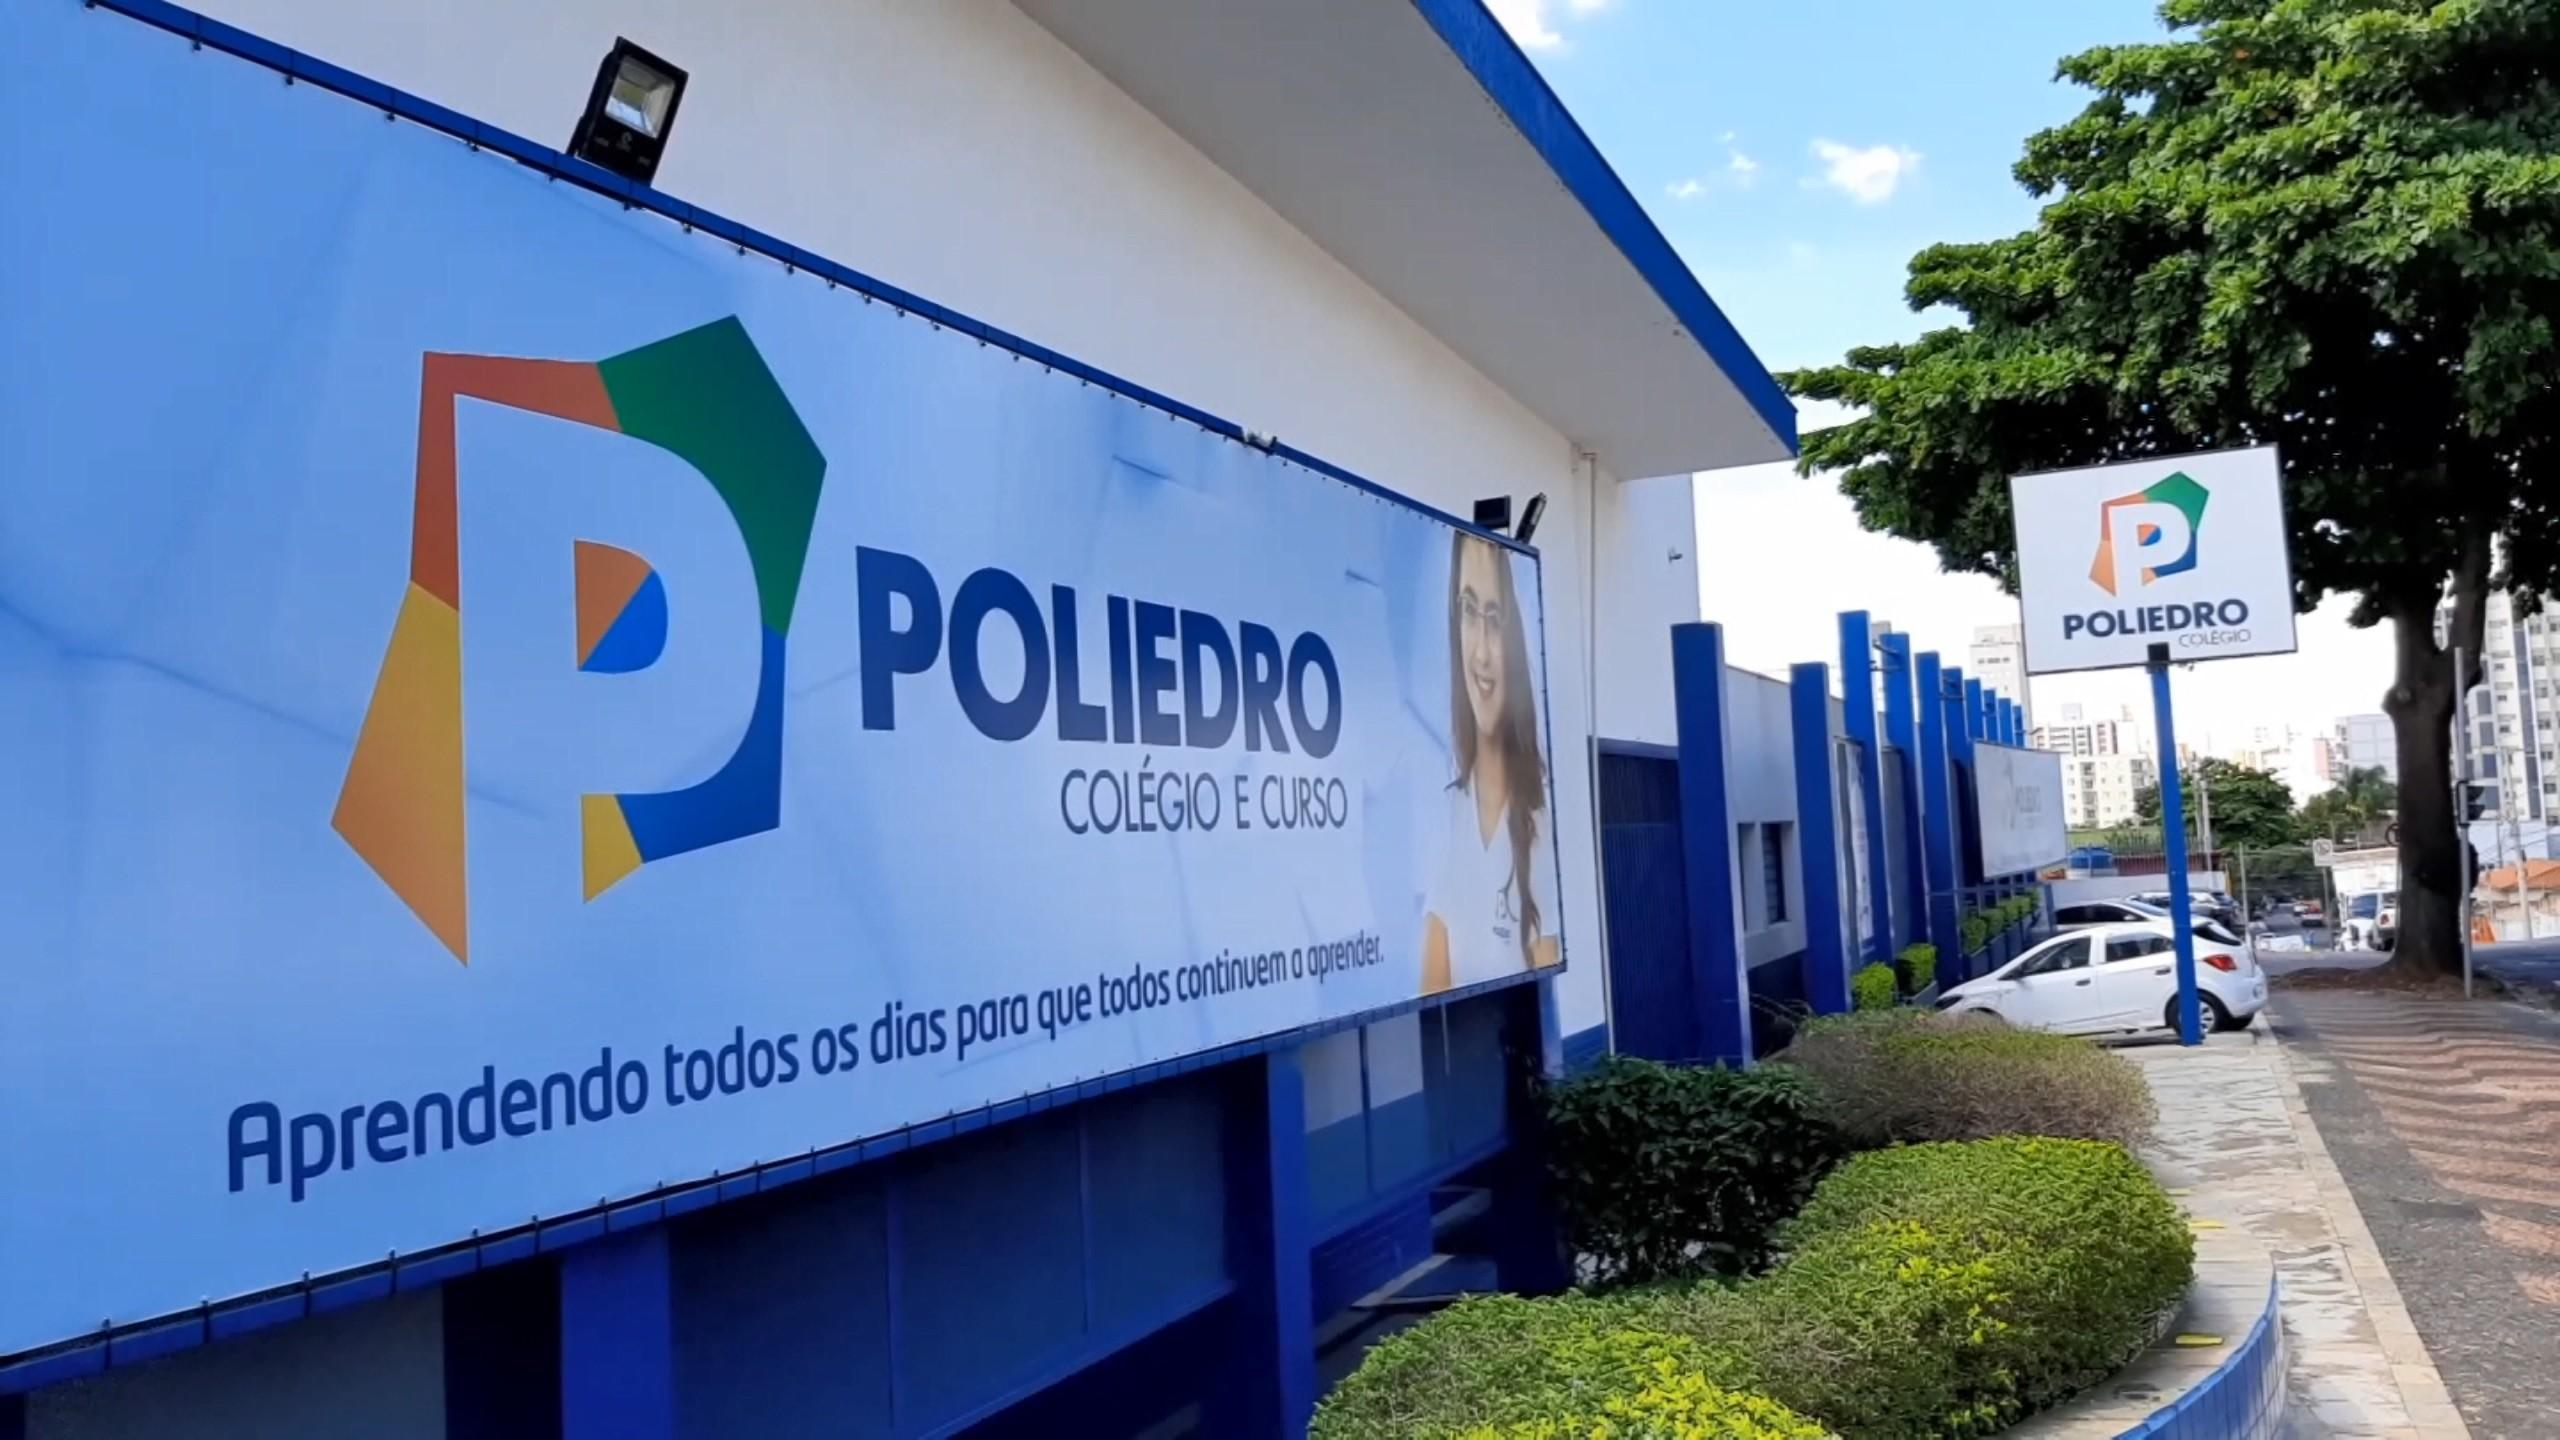 Grupo educacional com unidade em Campinas abre 12 vagas para trainee e emprego de verão